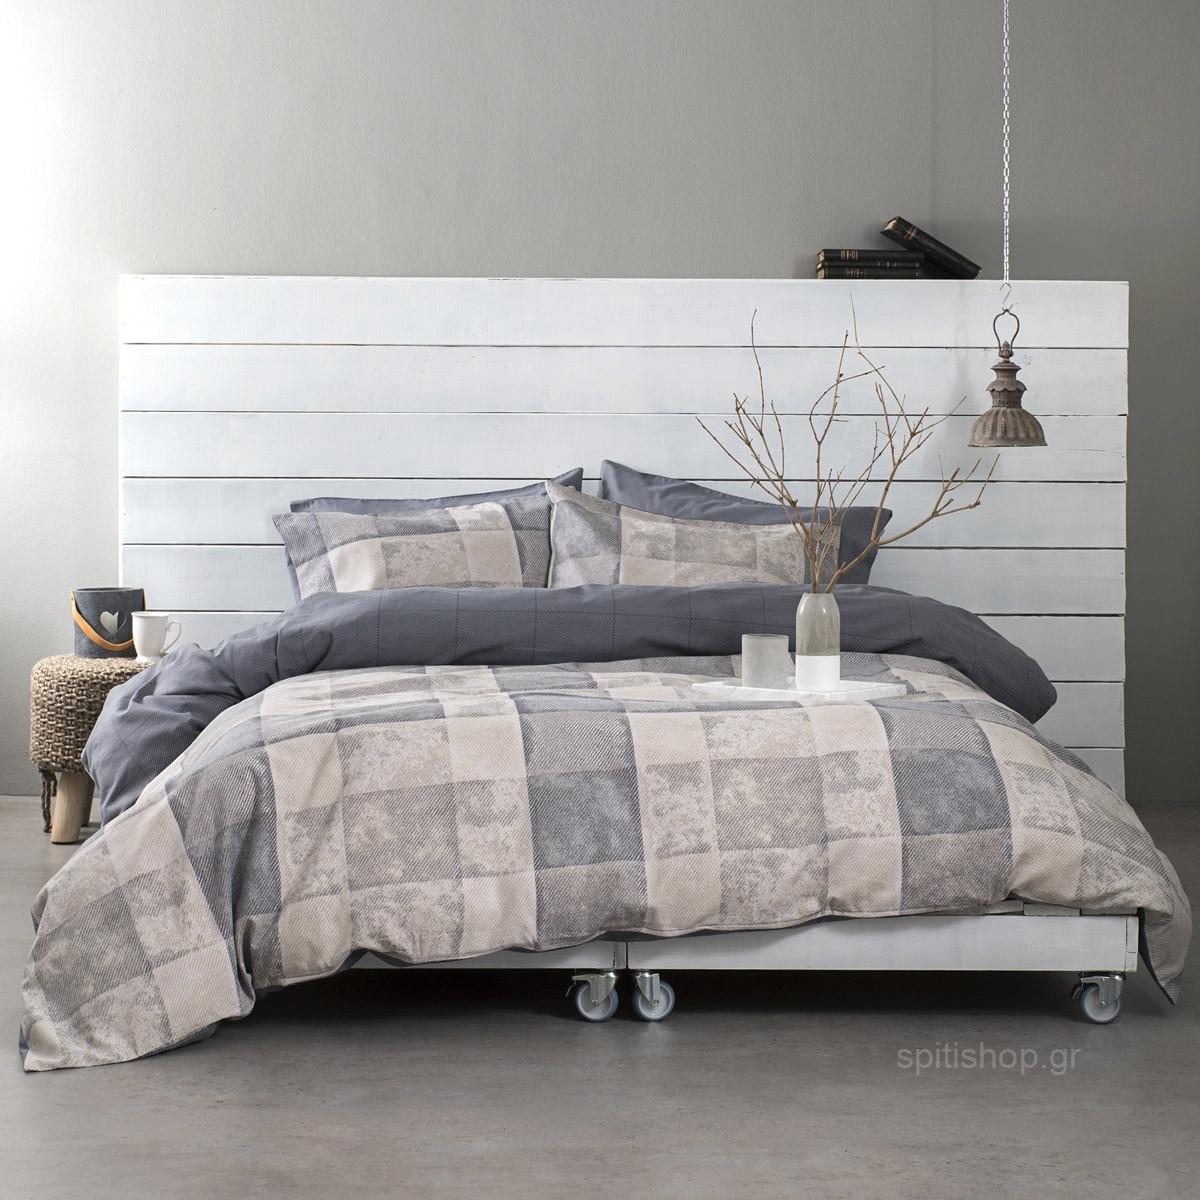 Φανελένια Παπλωματοθήκη Υπέρδιπλη (Σετ) Nima Bed Linen Meddley